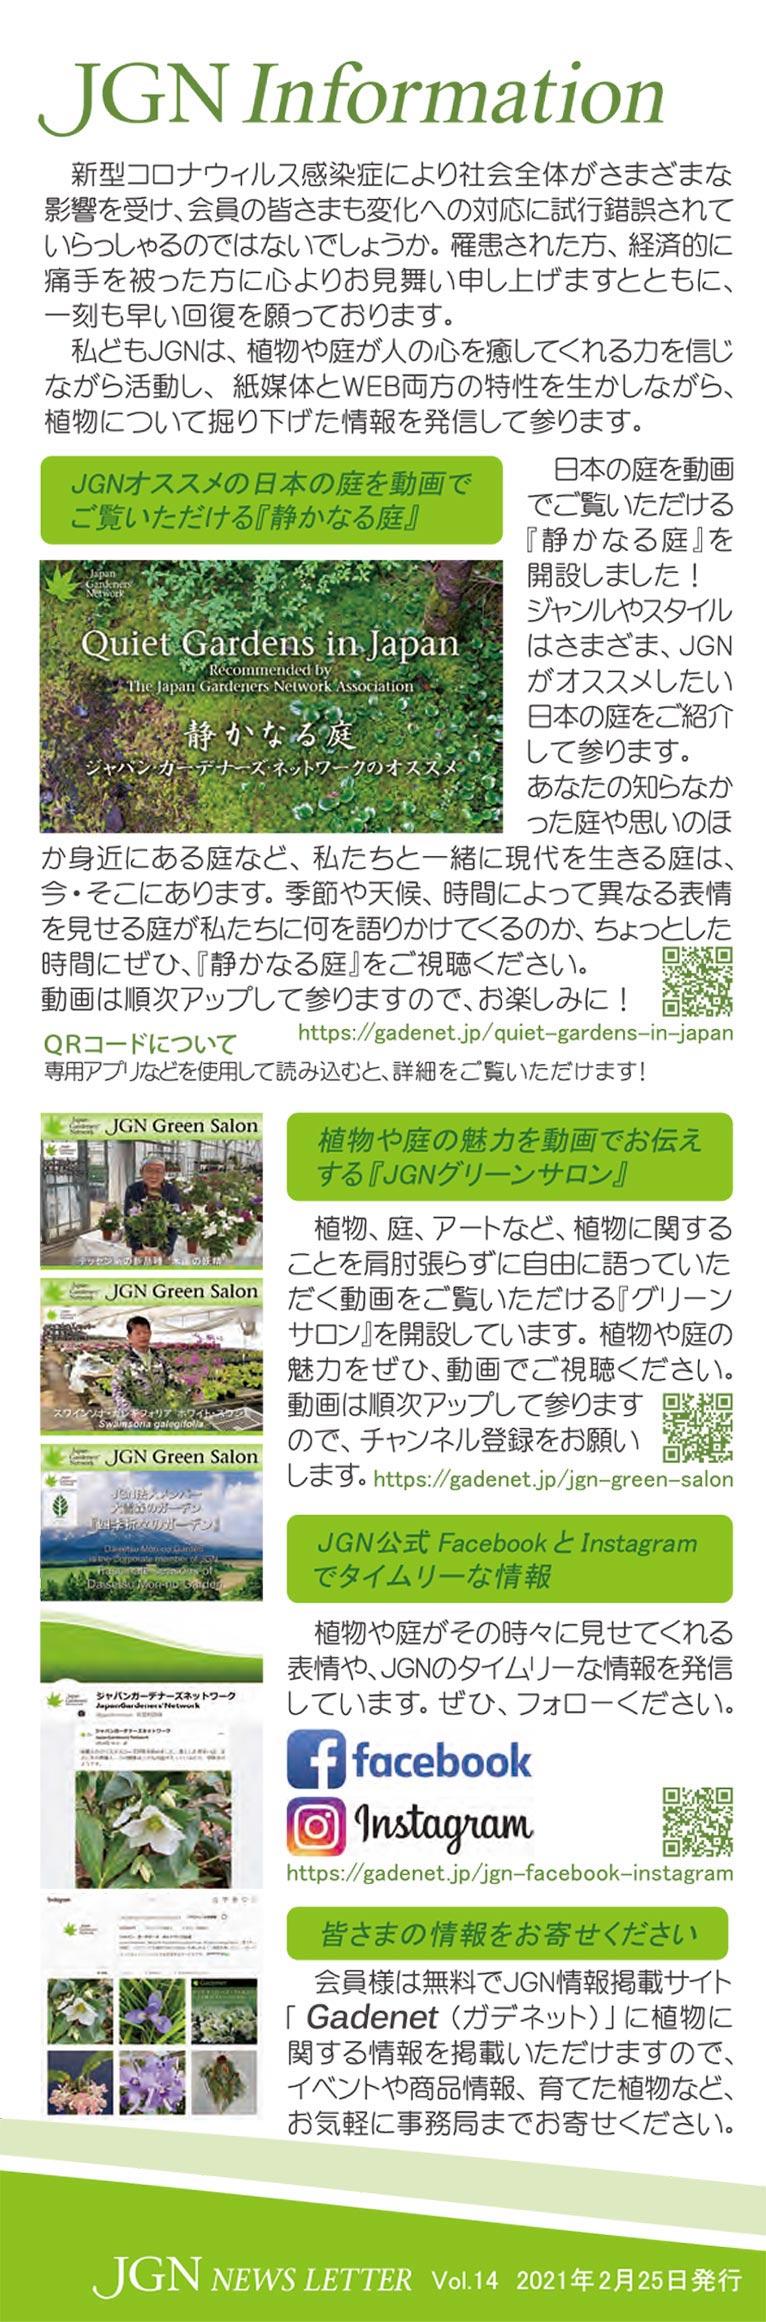 JGN NEWS LETTER 2021年早春号 Vol.13(その4) JGNインフォメーション